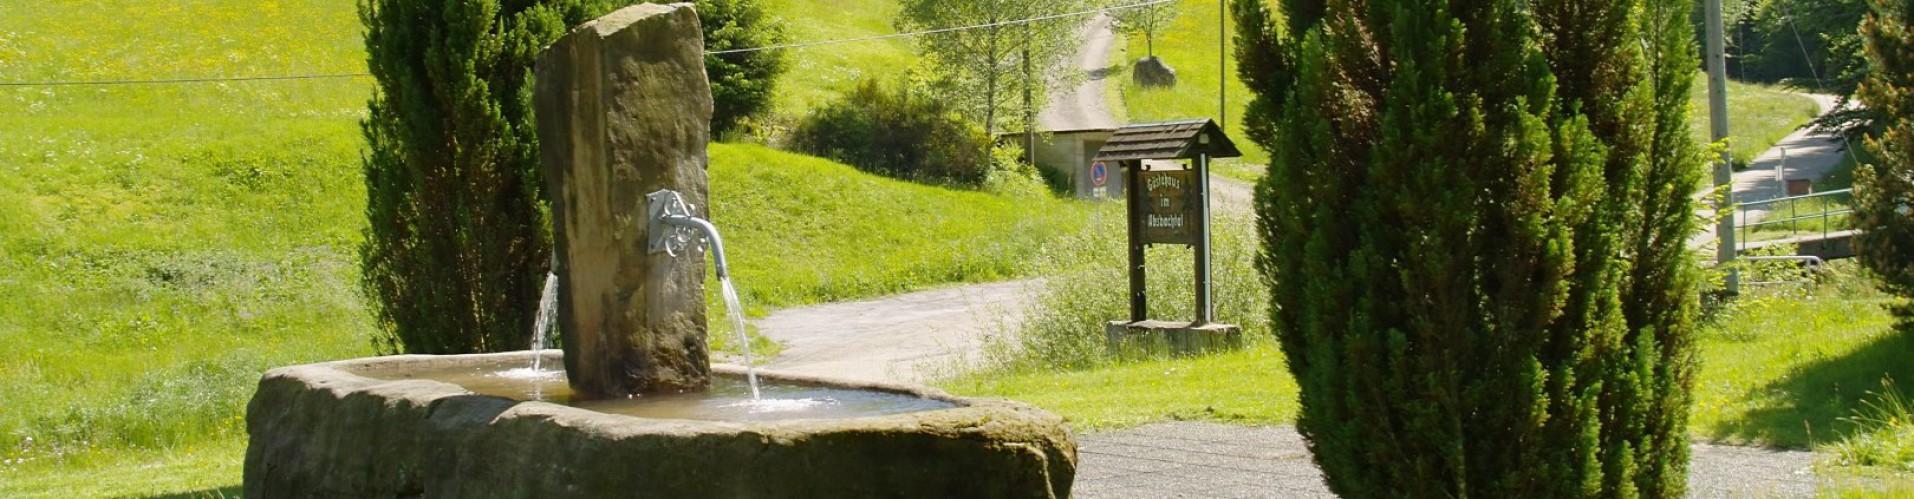 Natur rund um Gaestehaus Absbachtal